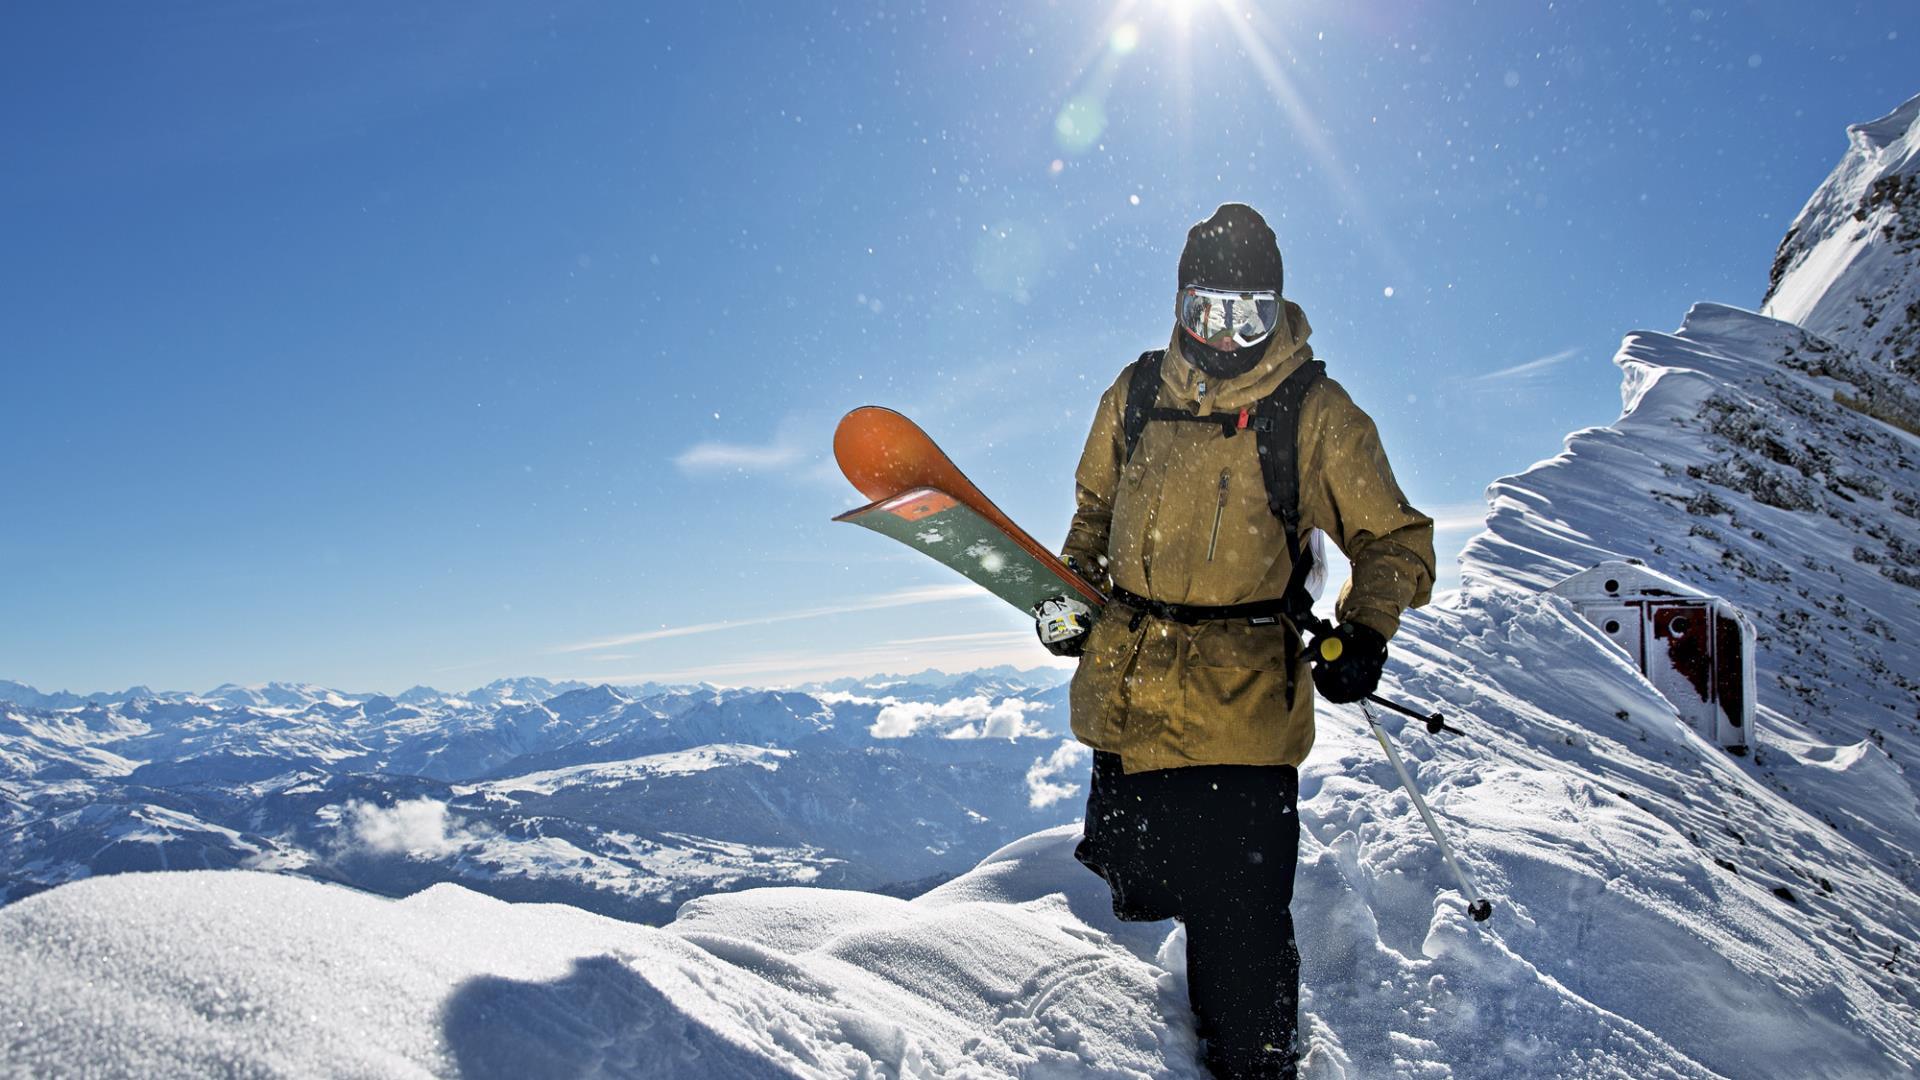 Crean un sitio para esquiadores con las mejores pistas del mundo